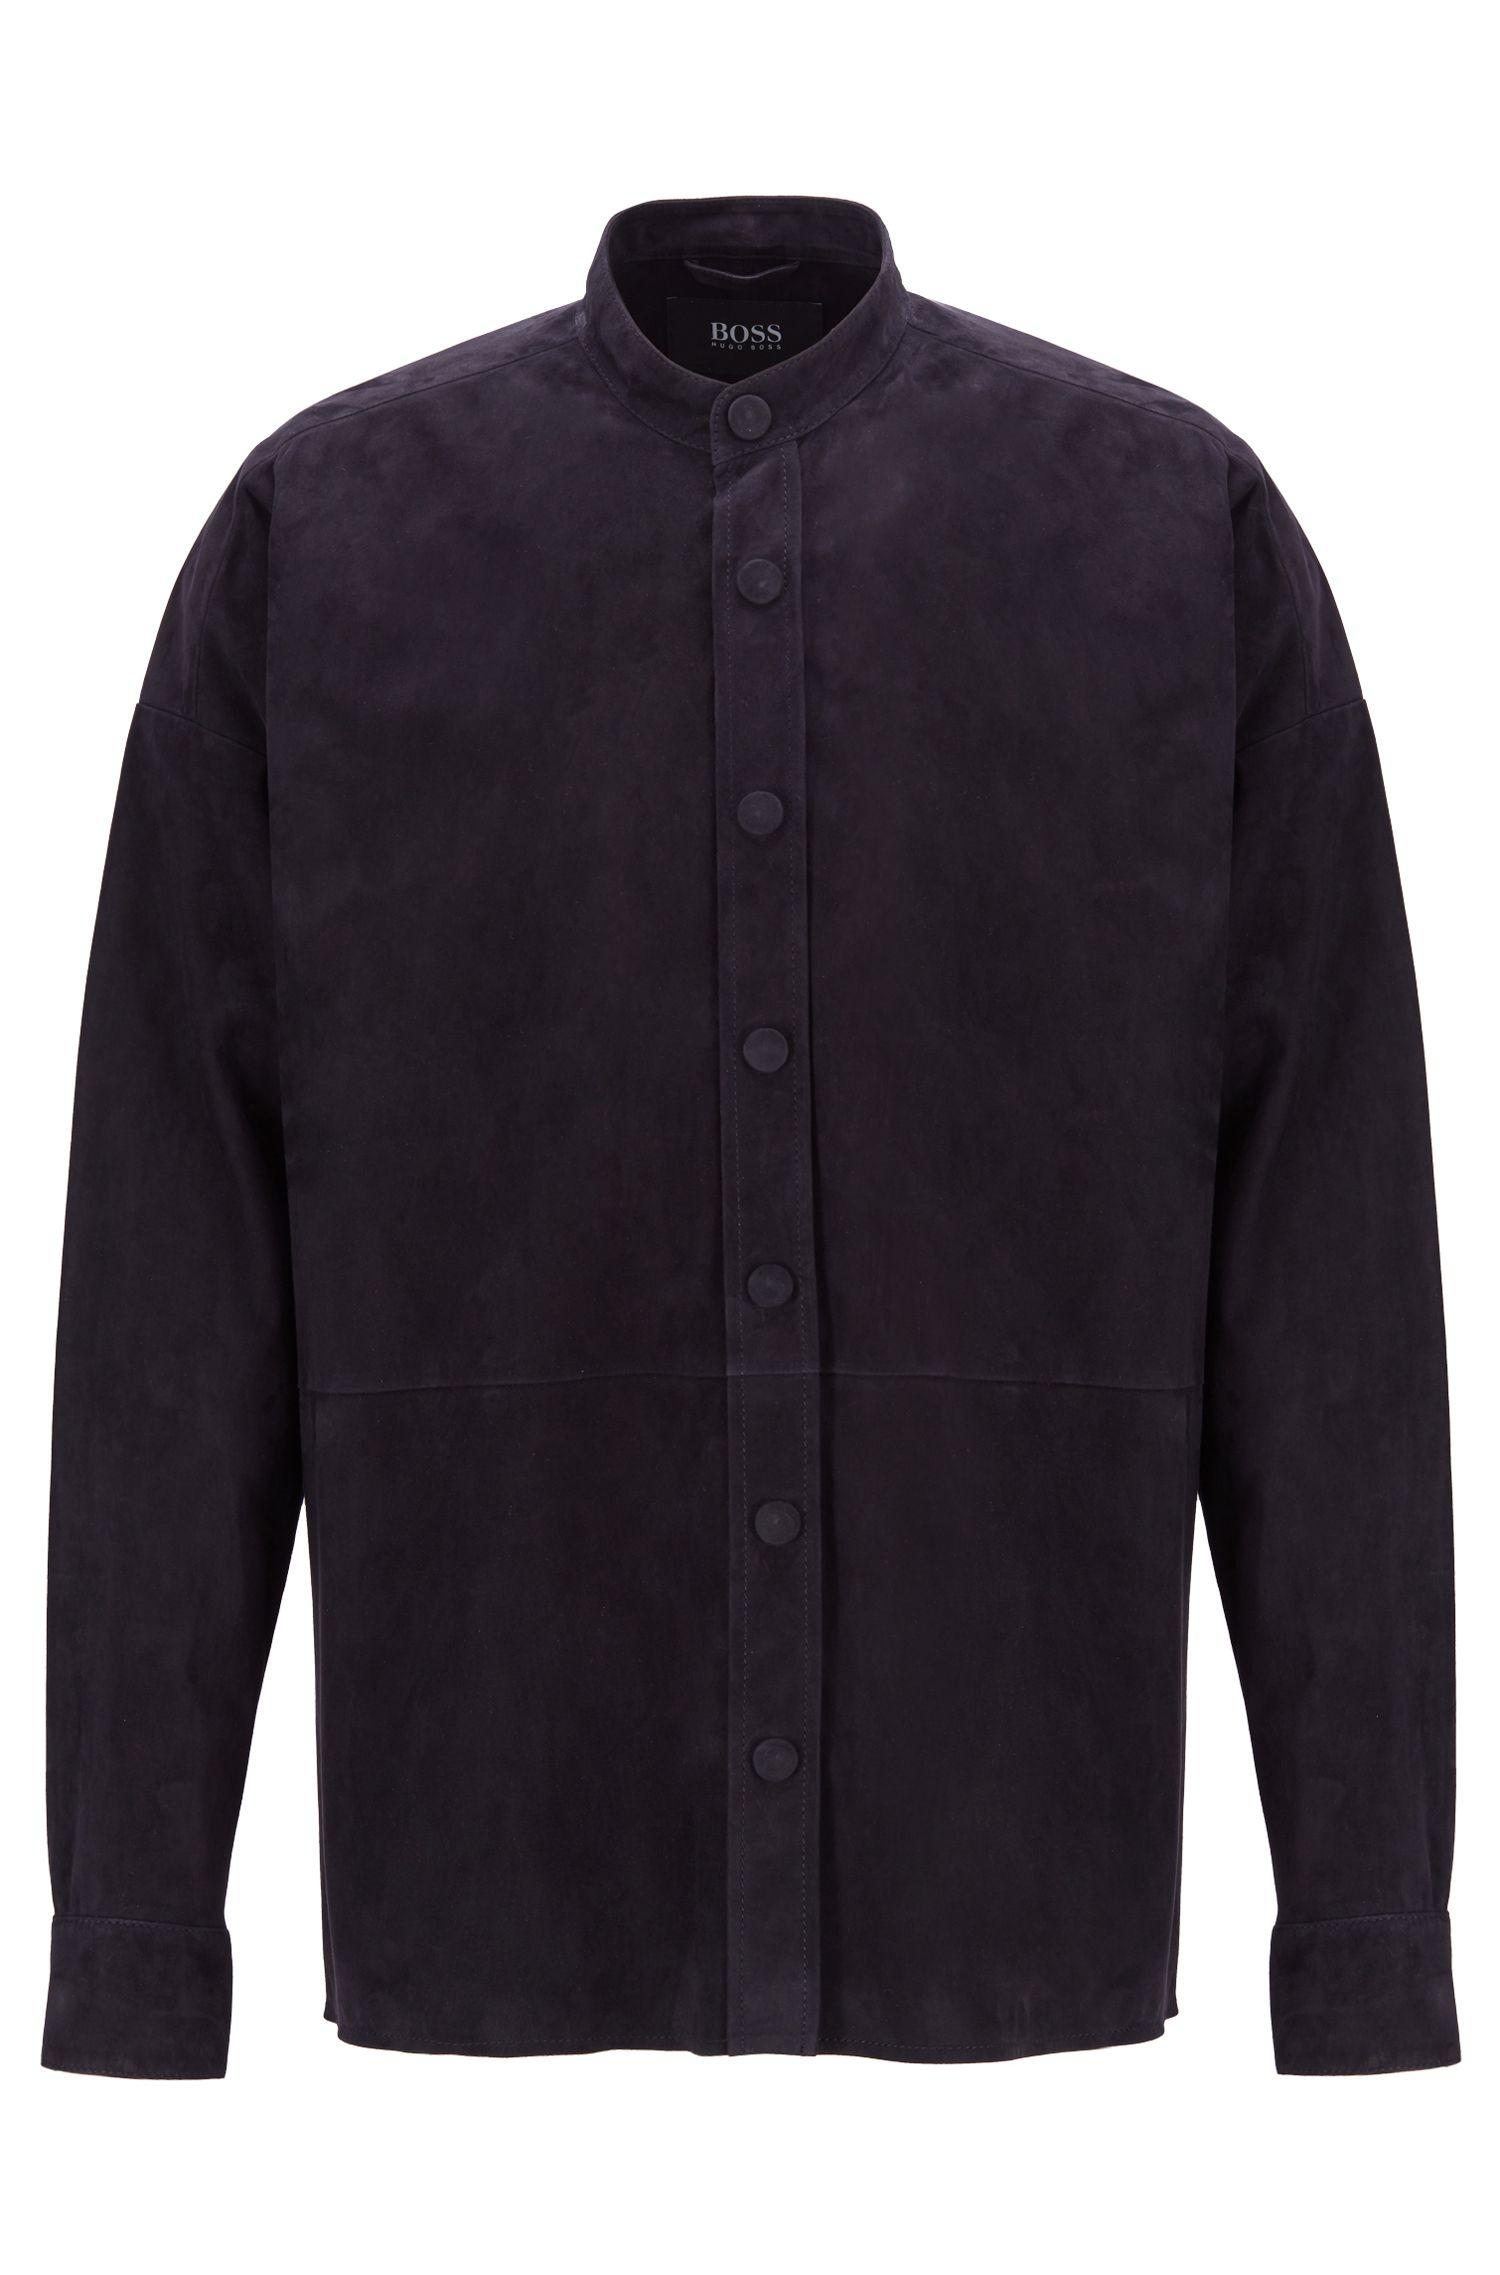 Fashion Show-overhemd van suède met opstaande kraag, Donkerblauw